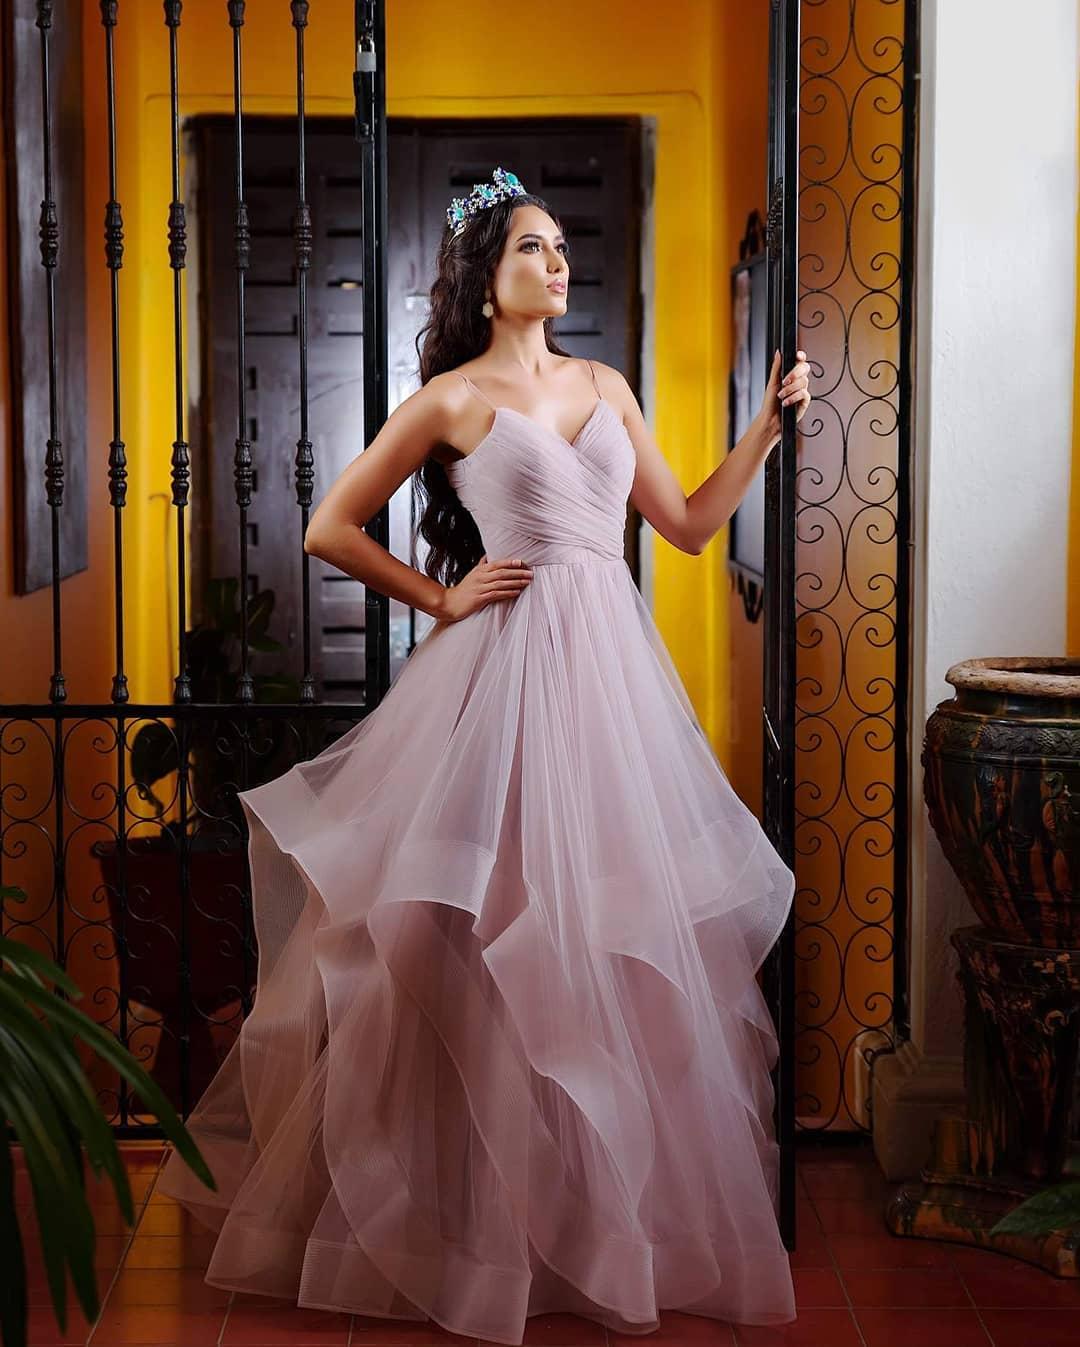 karolina vidales, candidata a miss mexico 2020, representando michoacan. - Página 9 67980410